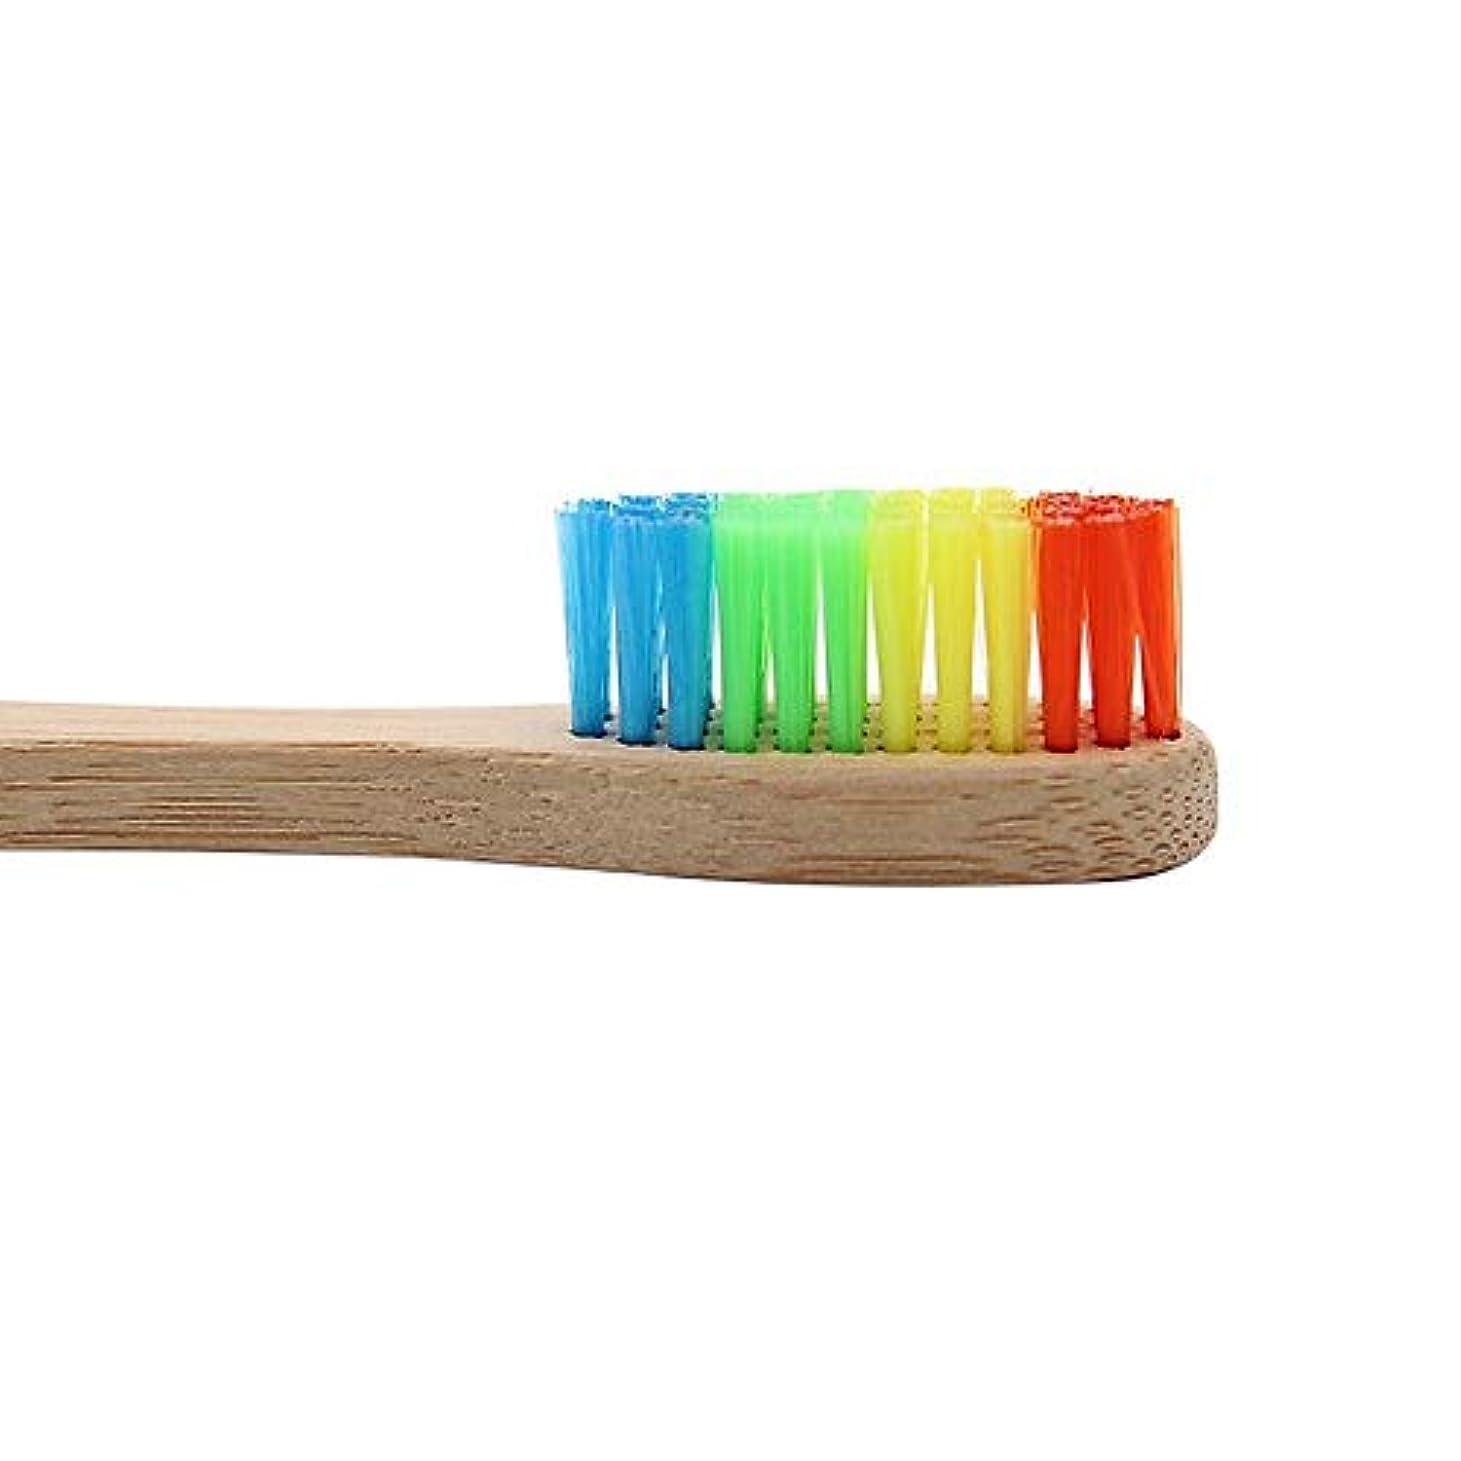 実現可能性思慮深い怖がらせる天然竹歯ブラシ 竹の歯ブラシ ナイロン毛 1本  (カラー)